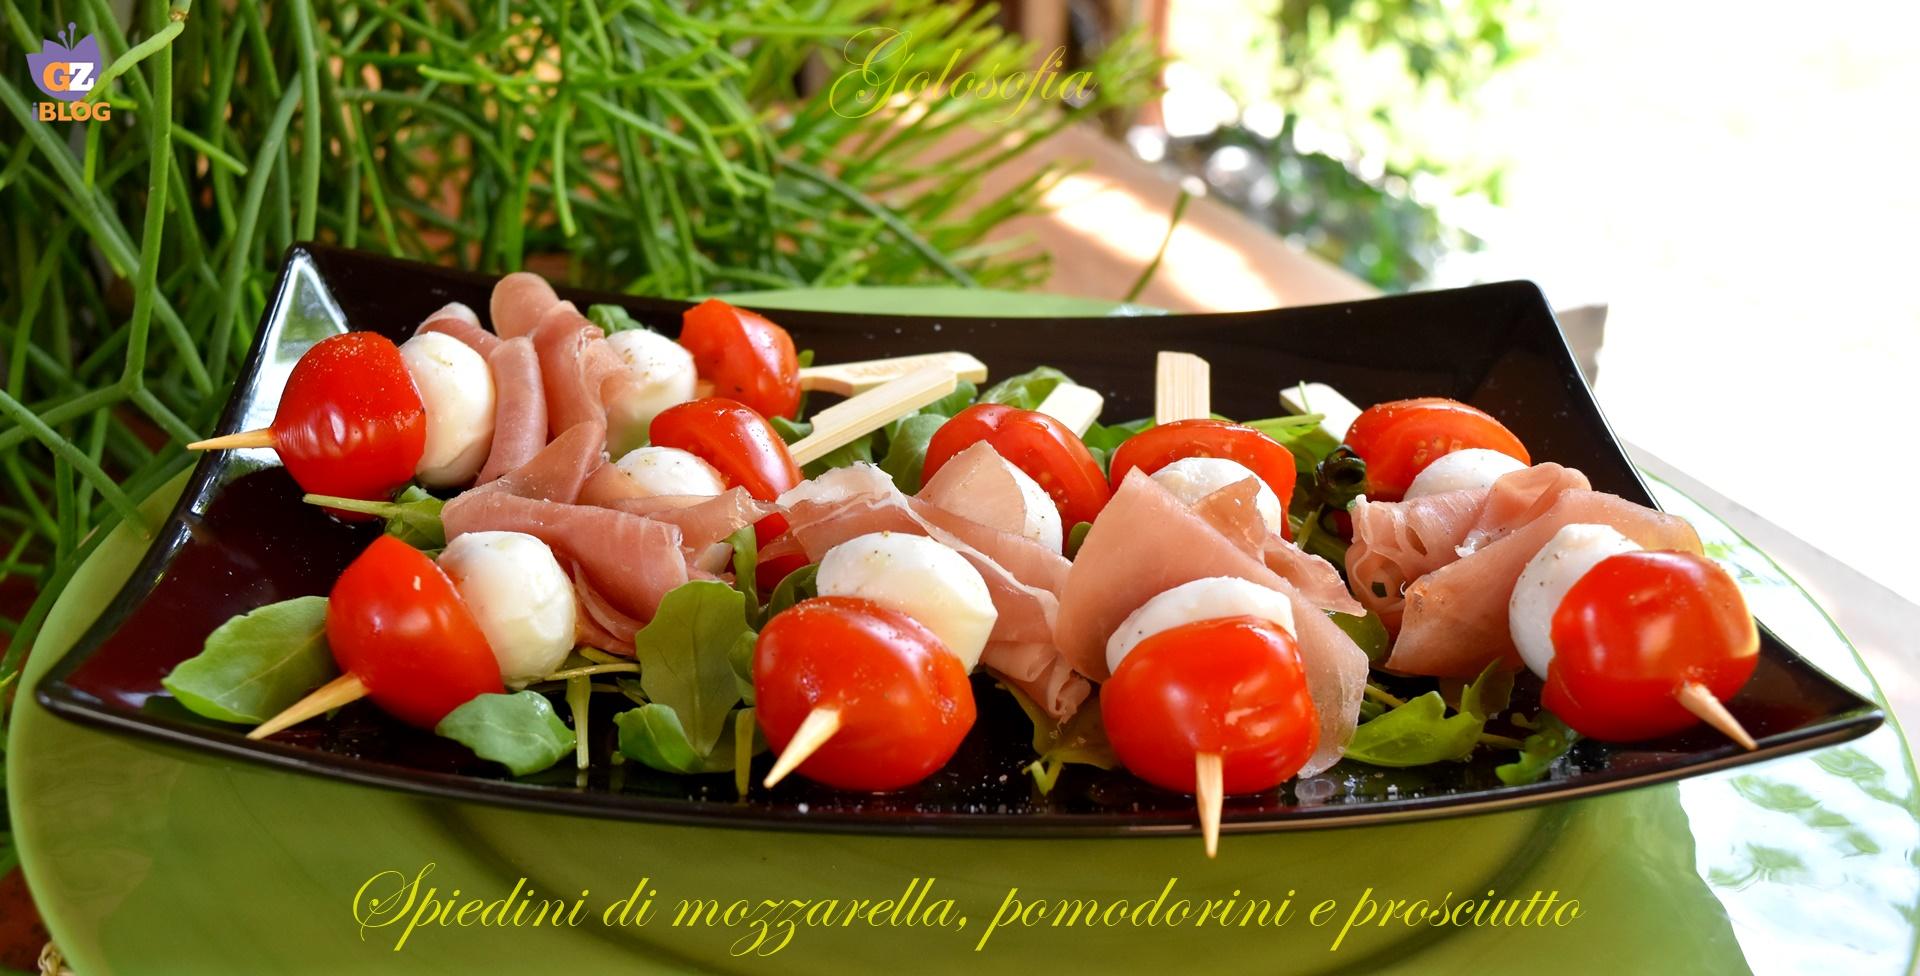 Spiedini di mozzarella, pomodorini e prosciutto-ricetta estiva-golosofia